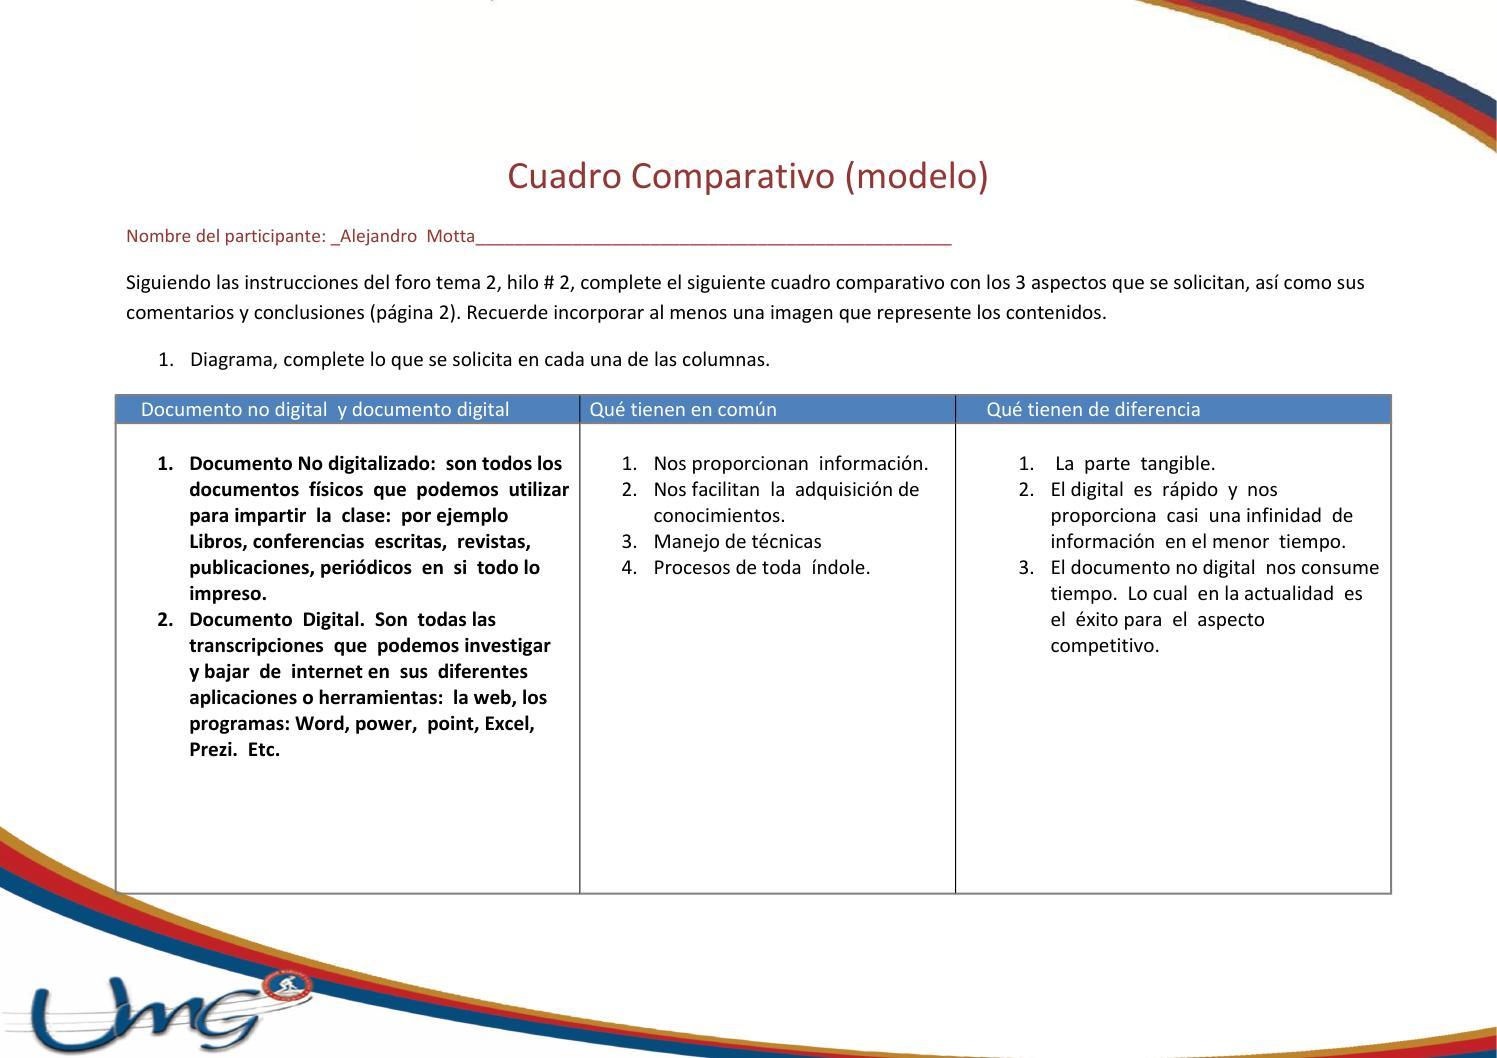 Cuadro comparativo tarea individual tema 2 by Alejandro